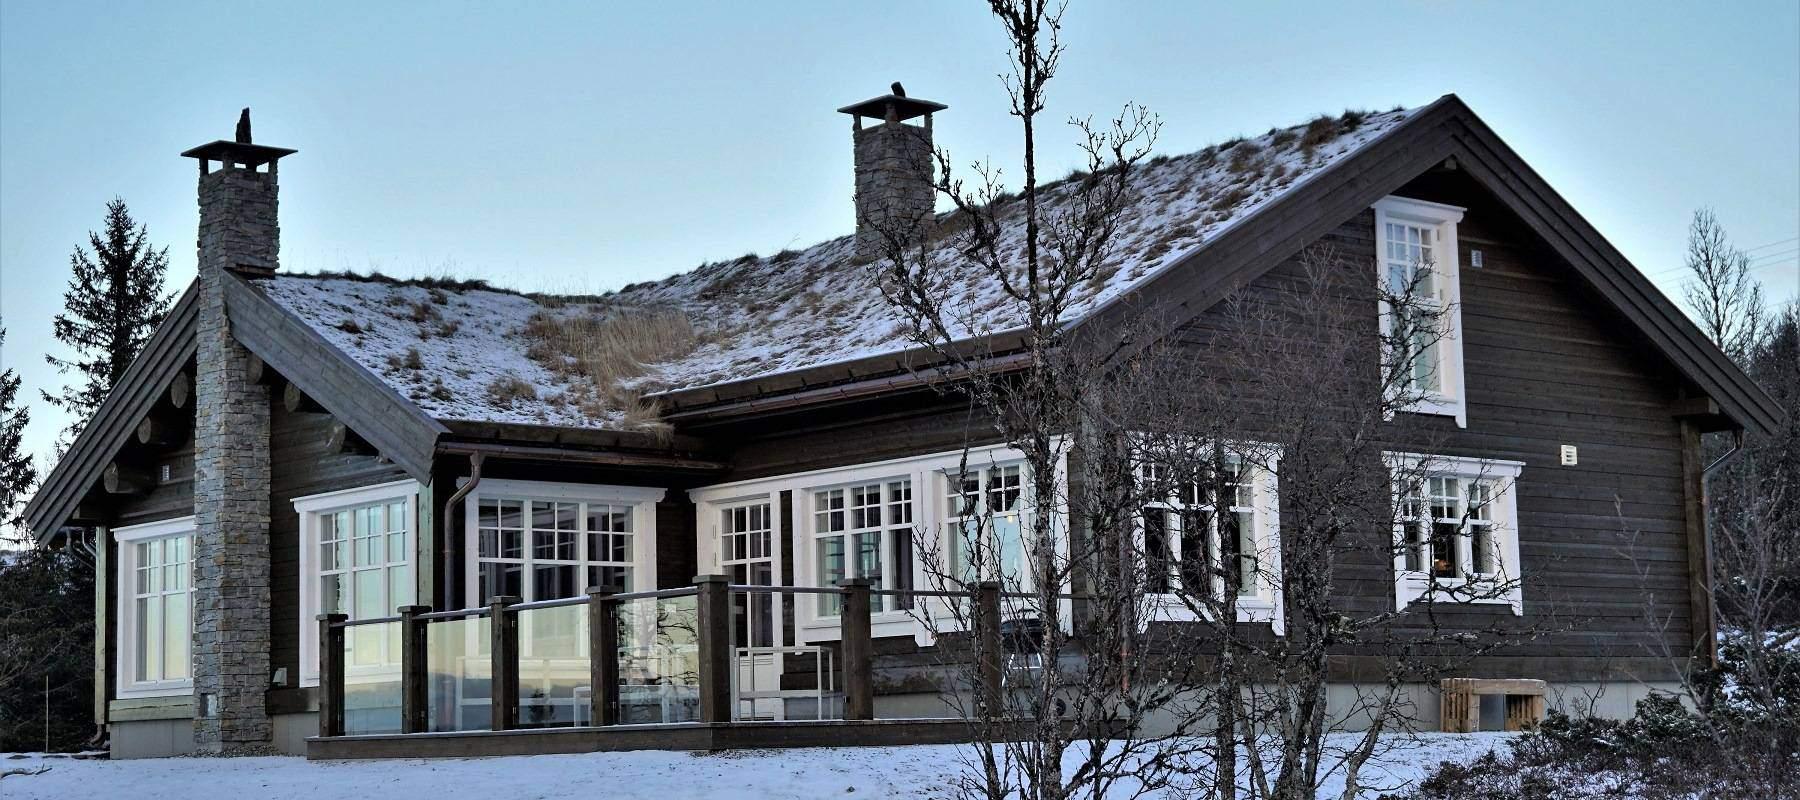 98 Hytteleverandor – Tiurtoppen Hytter Inspirasjon hytte pa Gålå